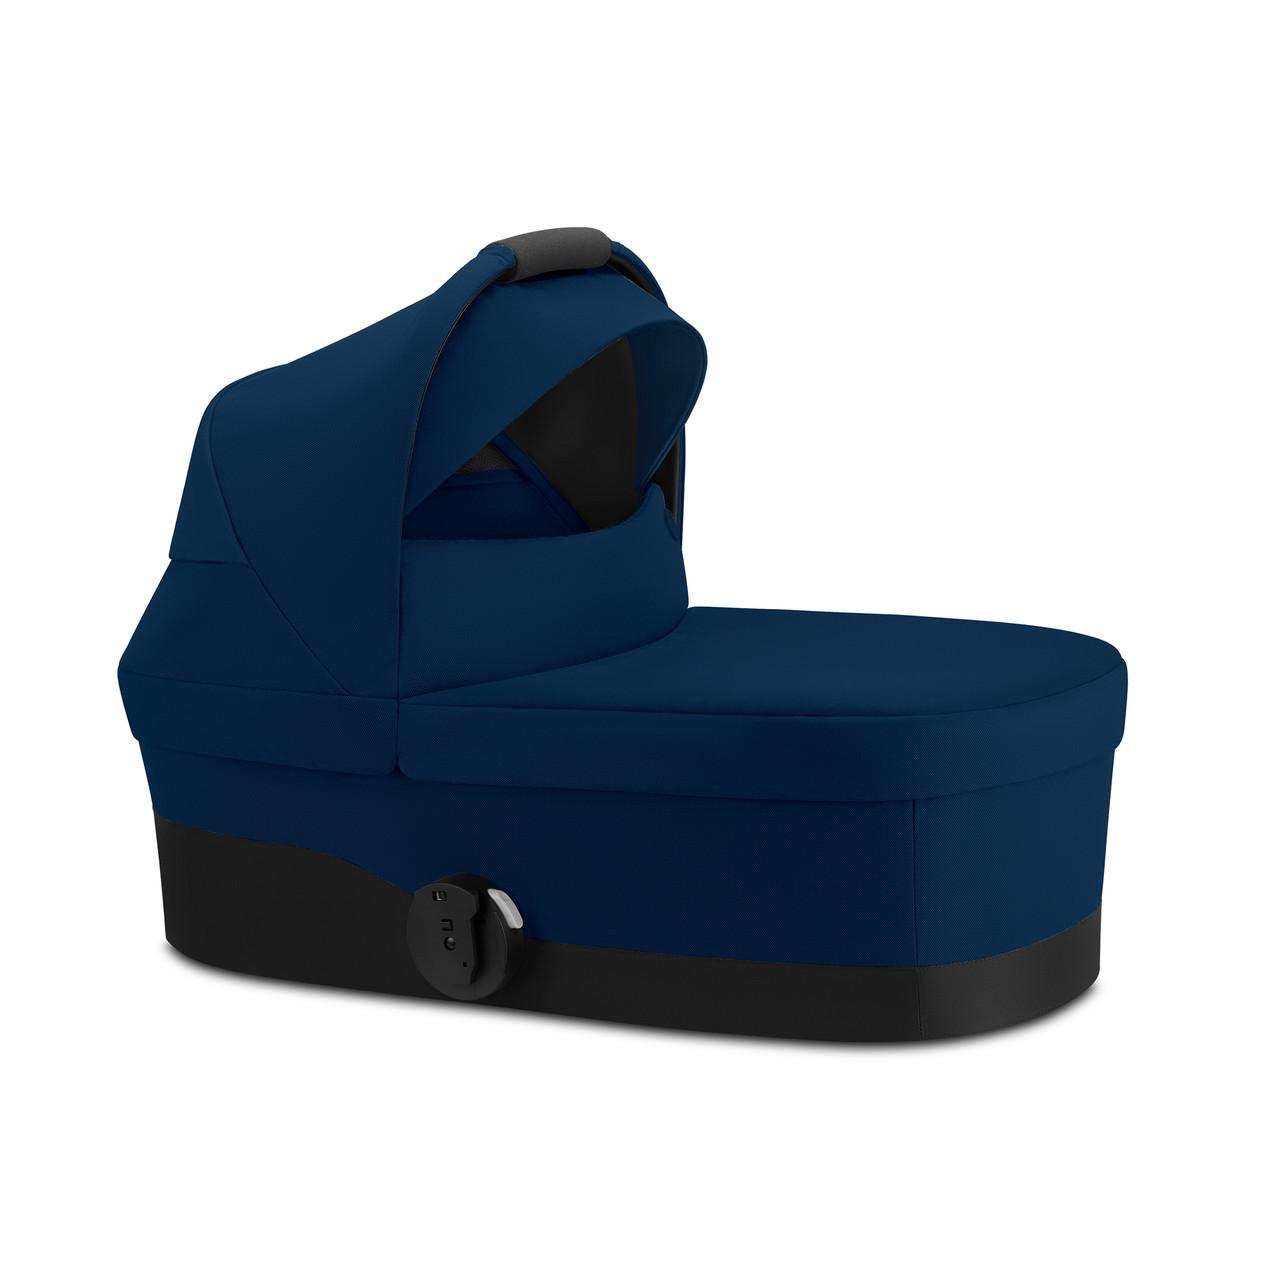 Люлька Cybex S (Navy Blue navy blue)